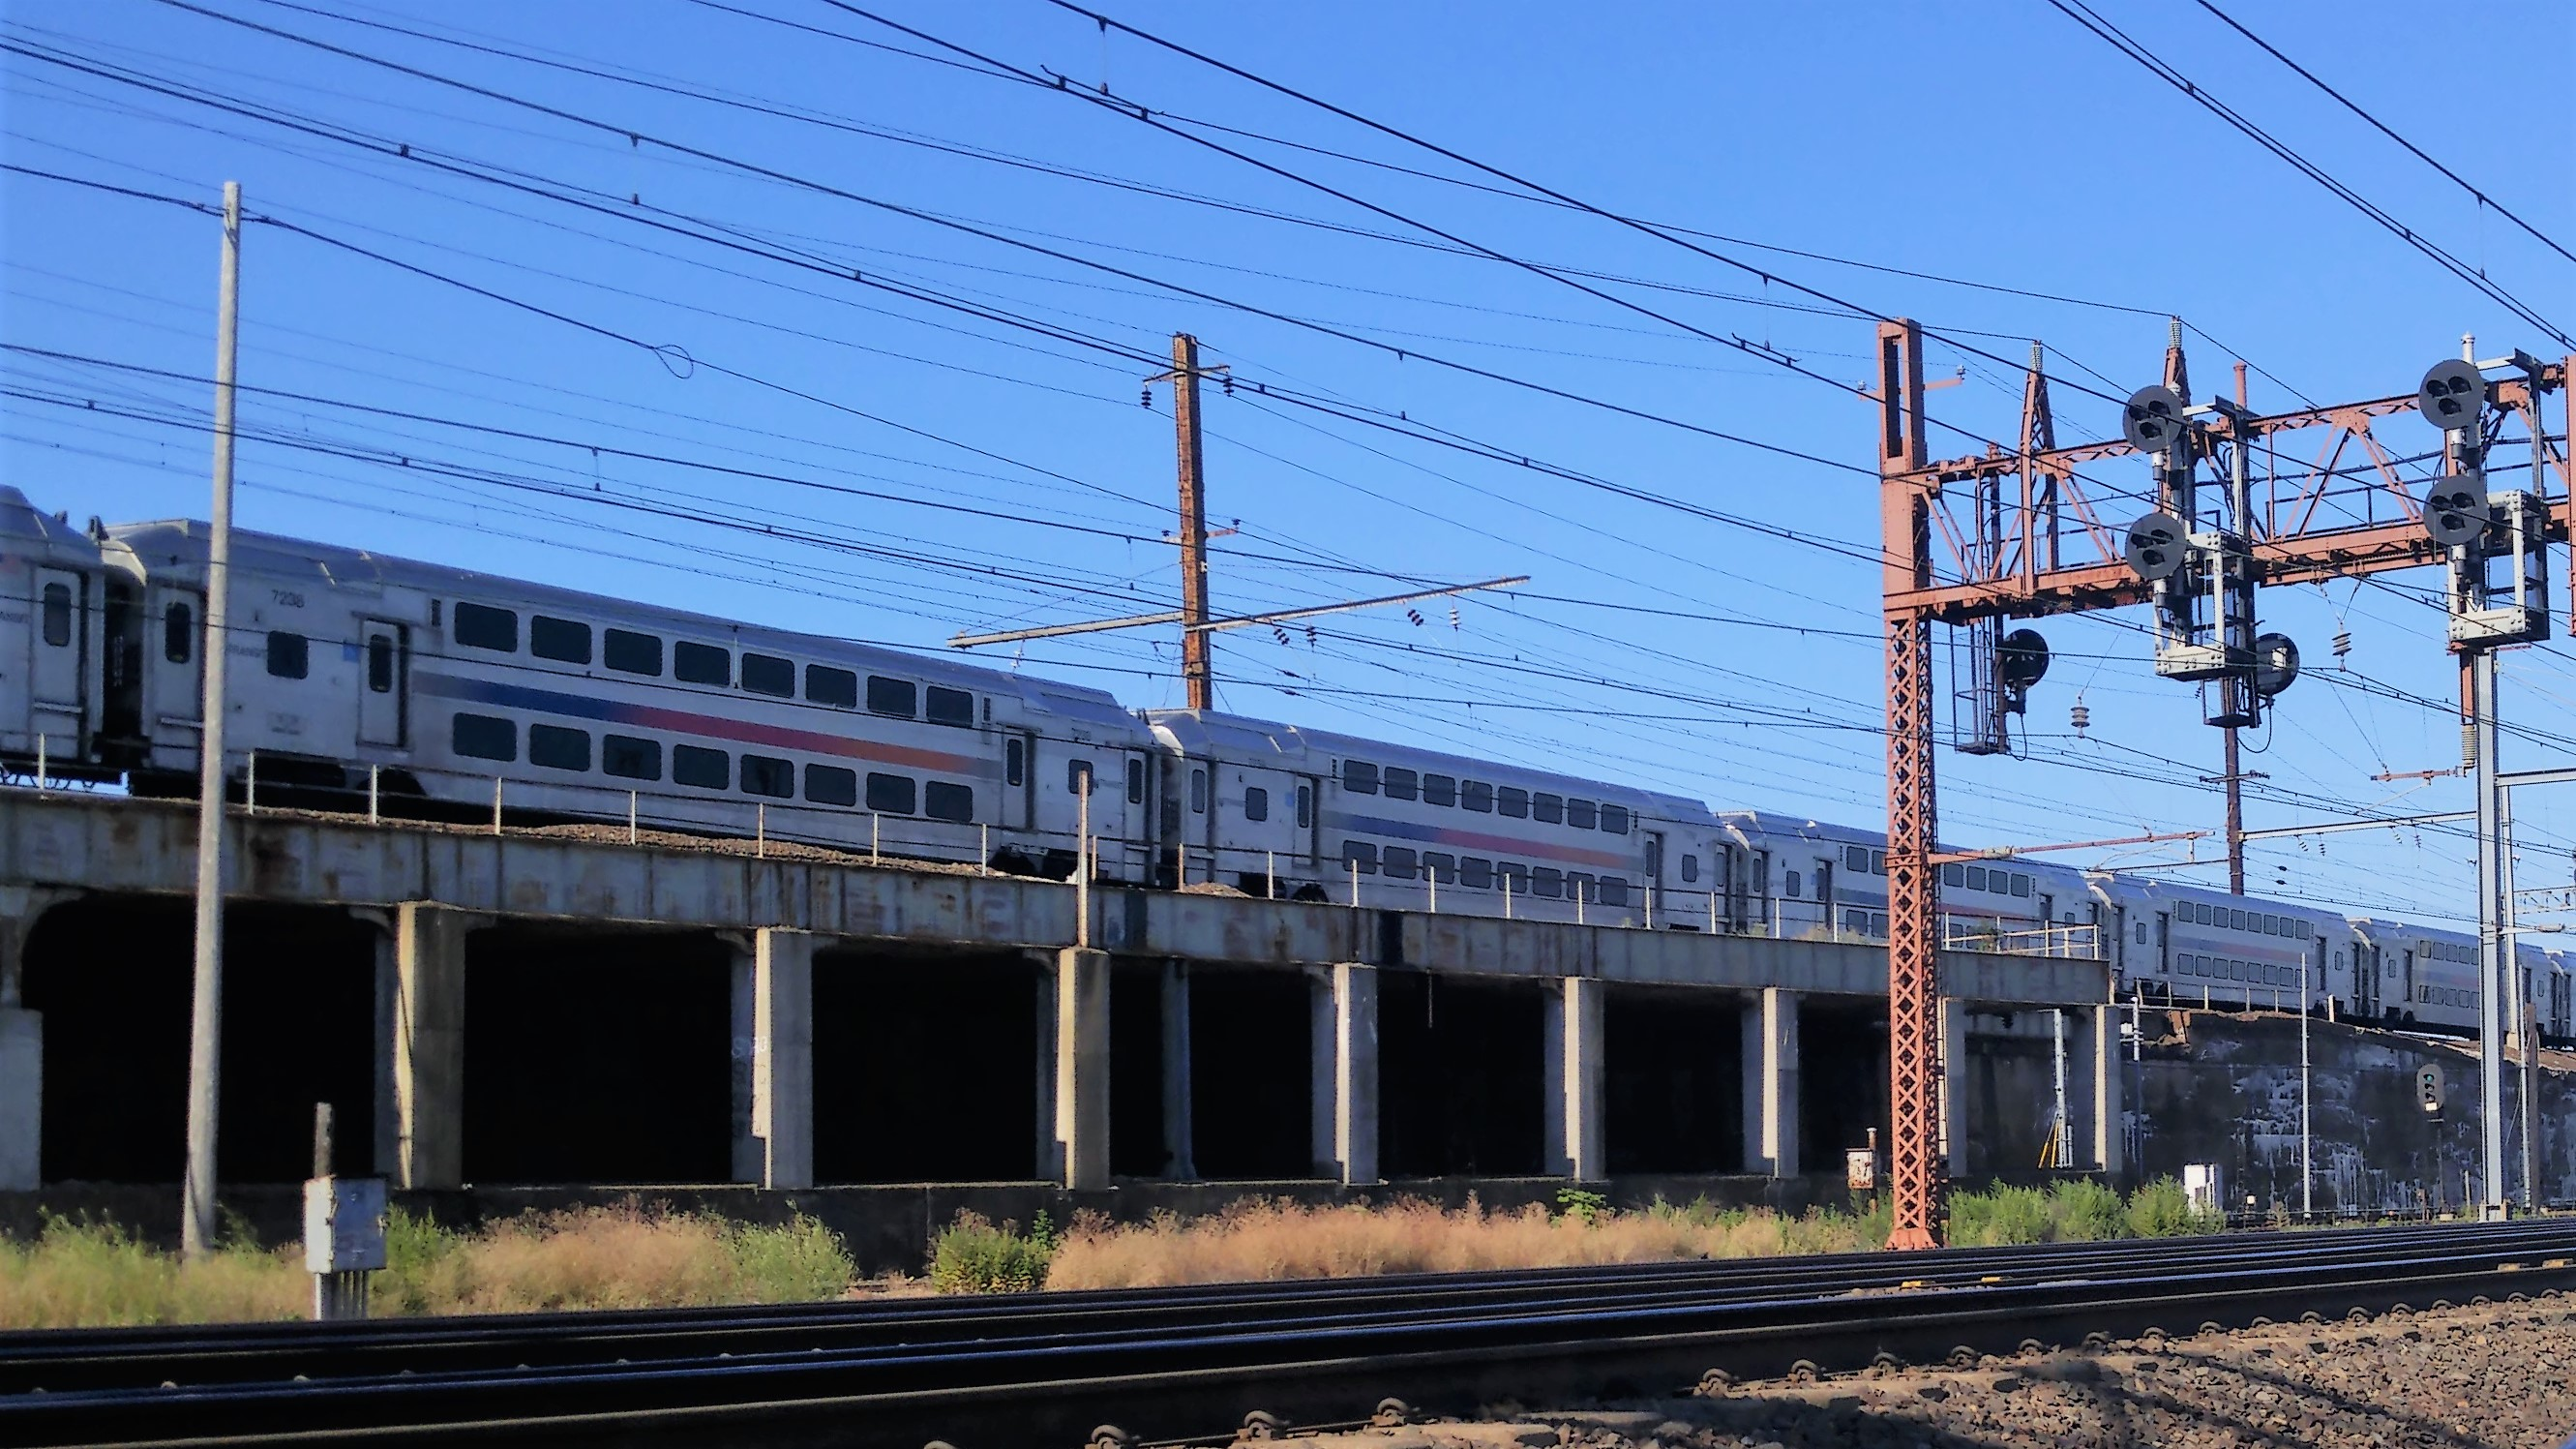 Conrail case study